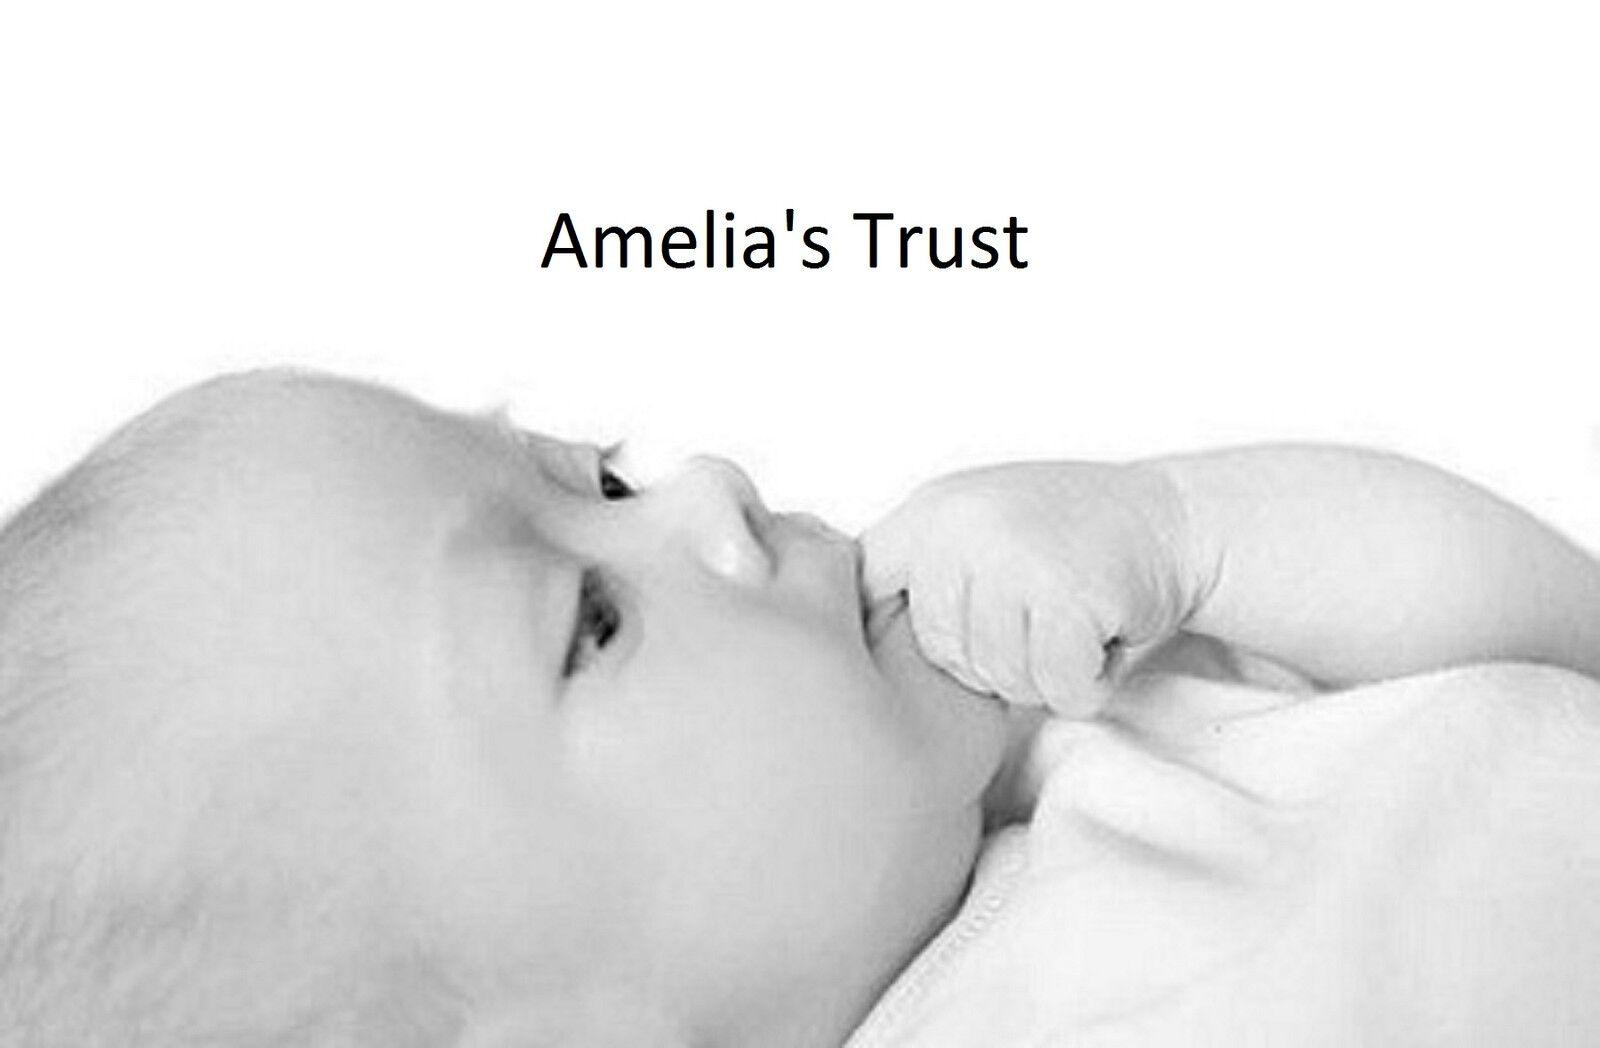 Amelia's Trust